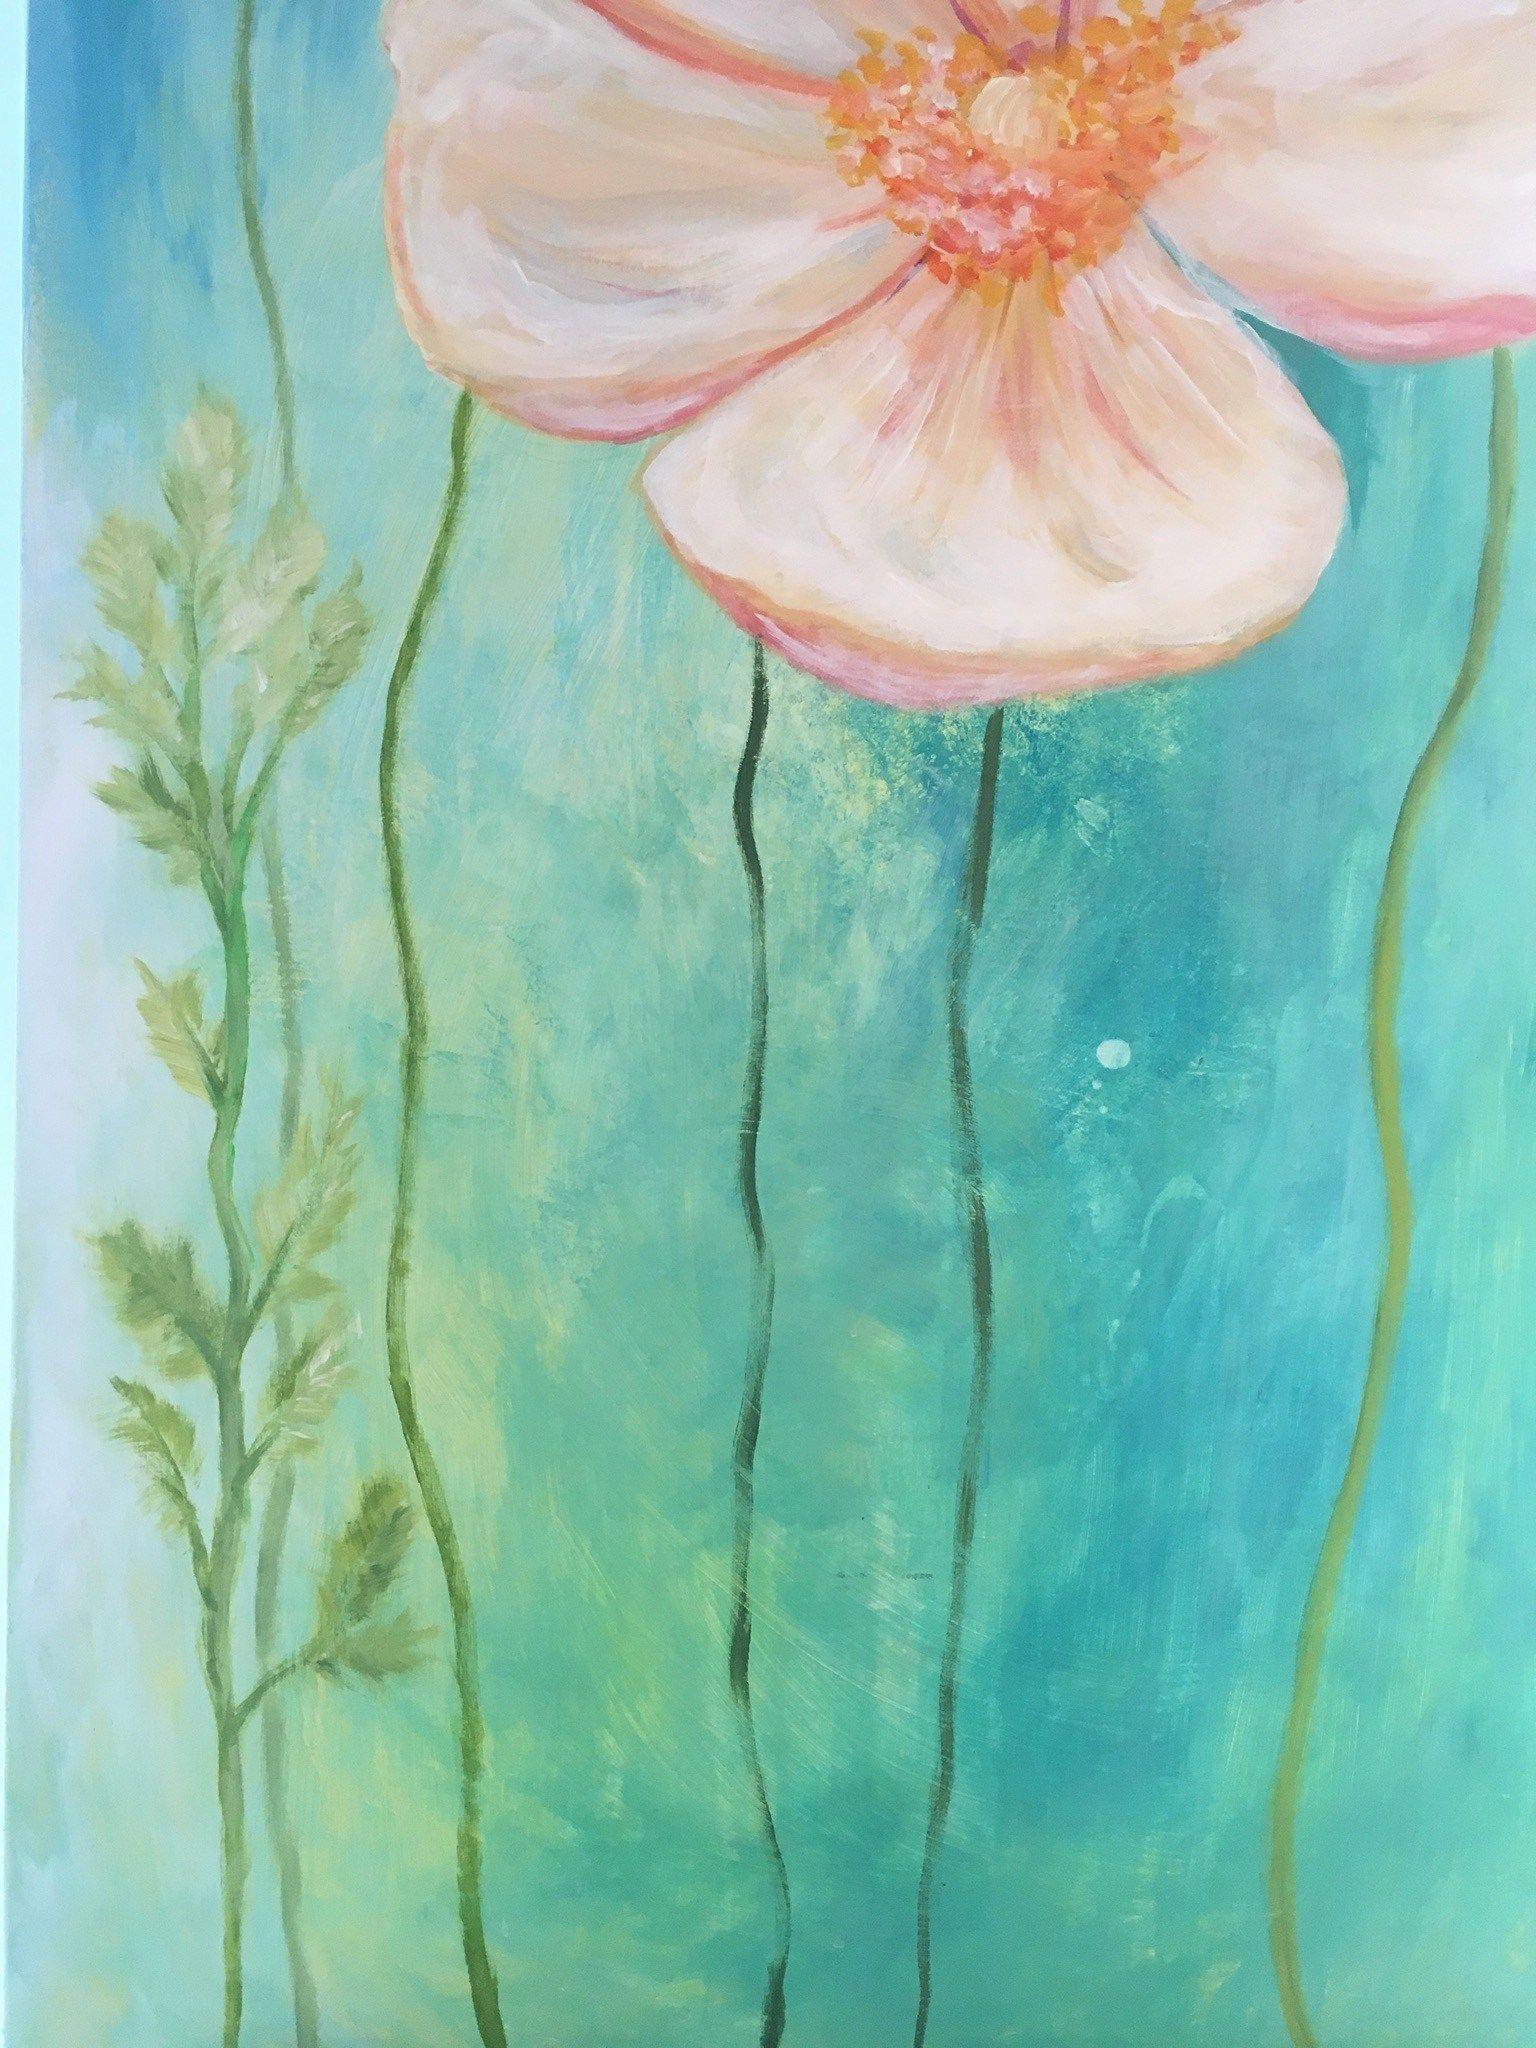 Blumen Malen Mit Acrylfarben - In 8 Einfachen Schritten (Mit bestimmt für Vorlagen Für Acrylbilder